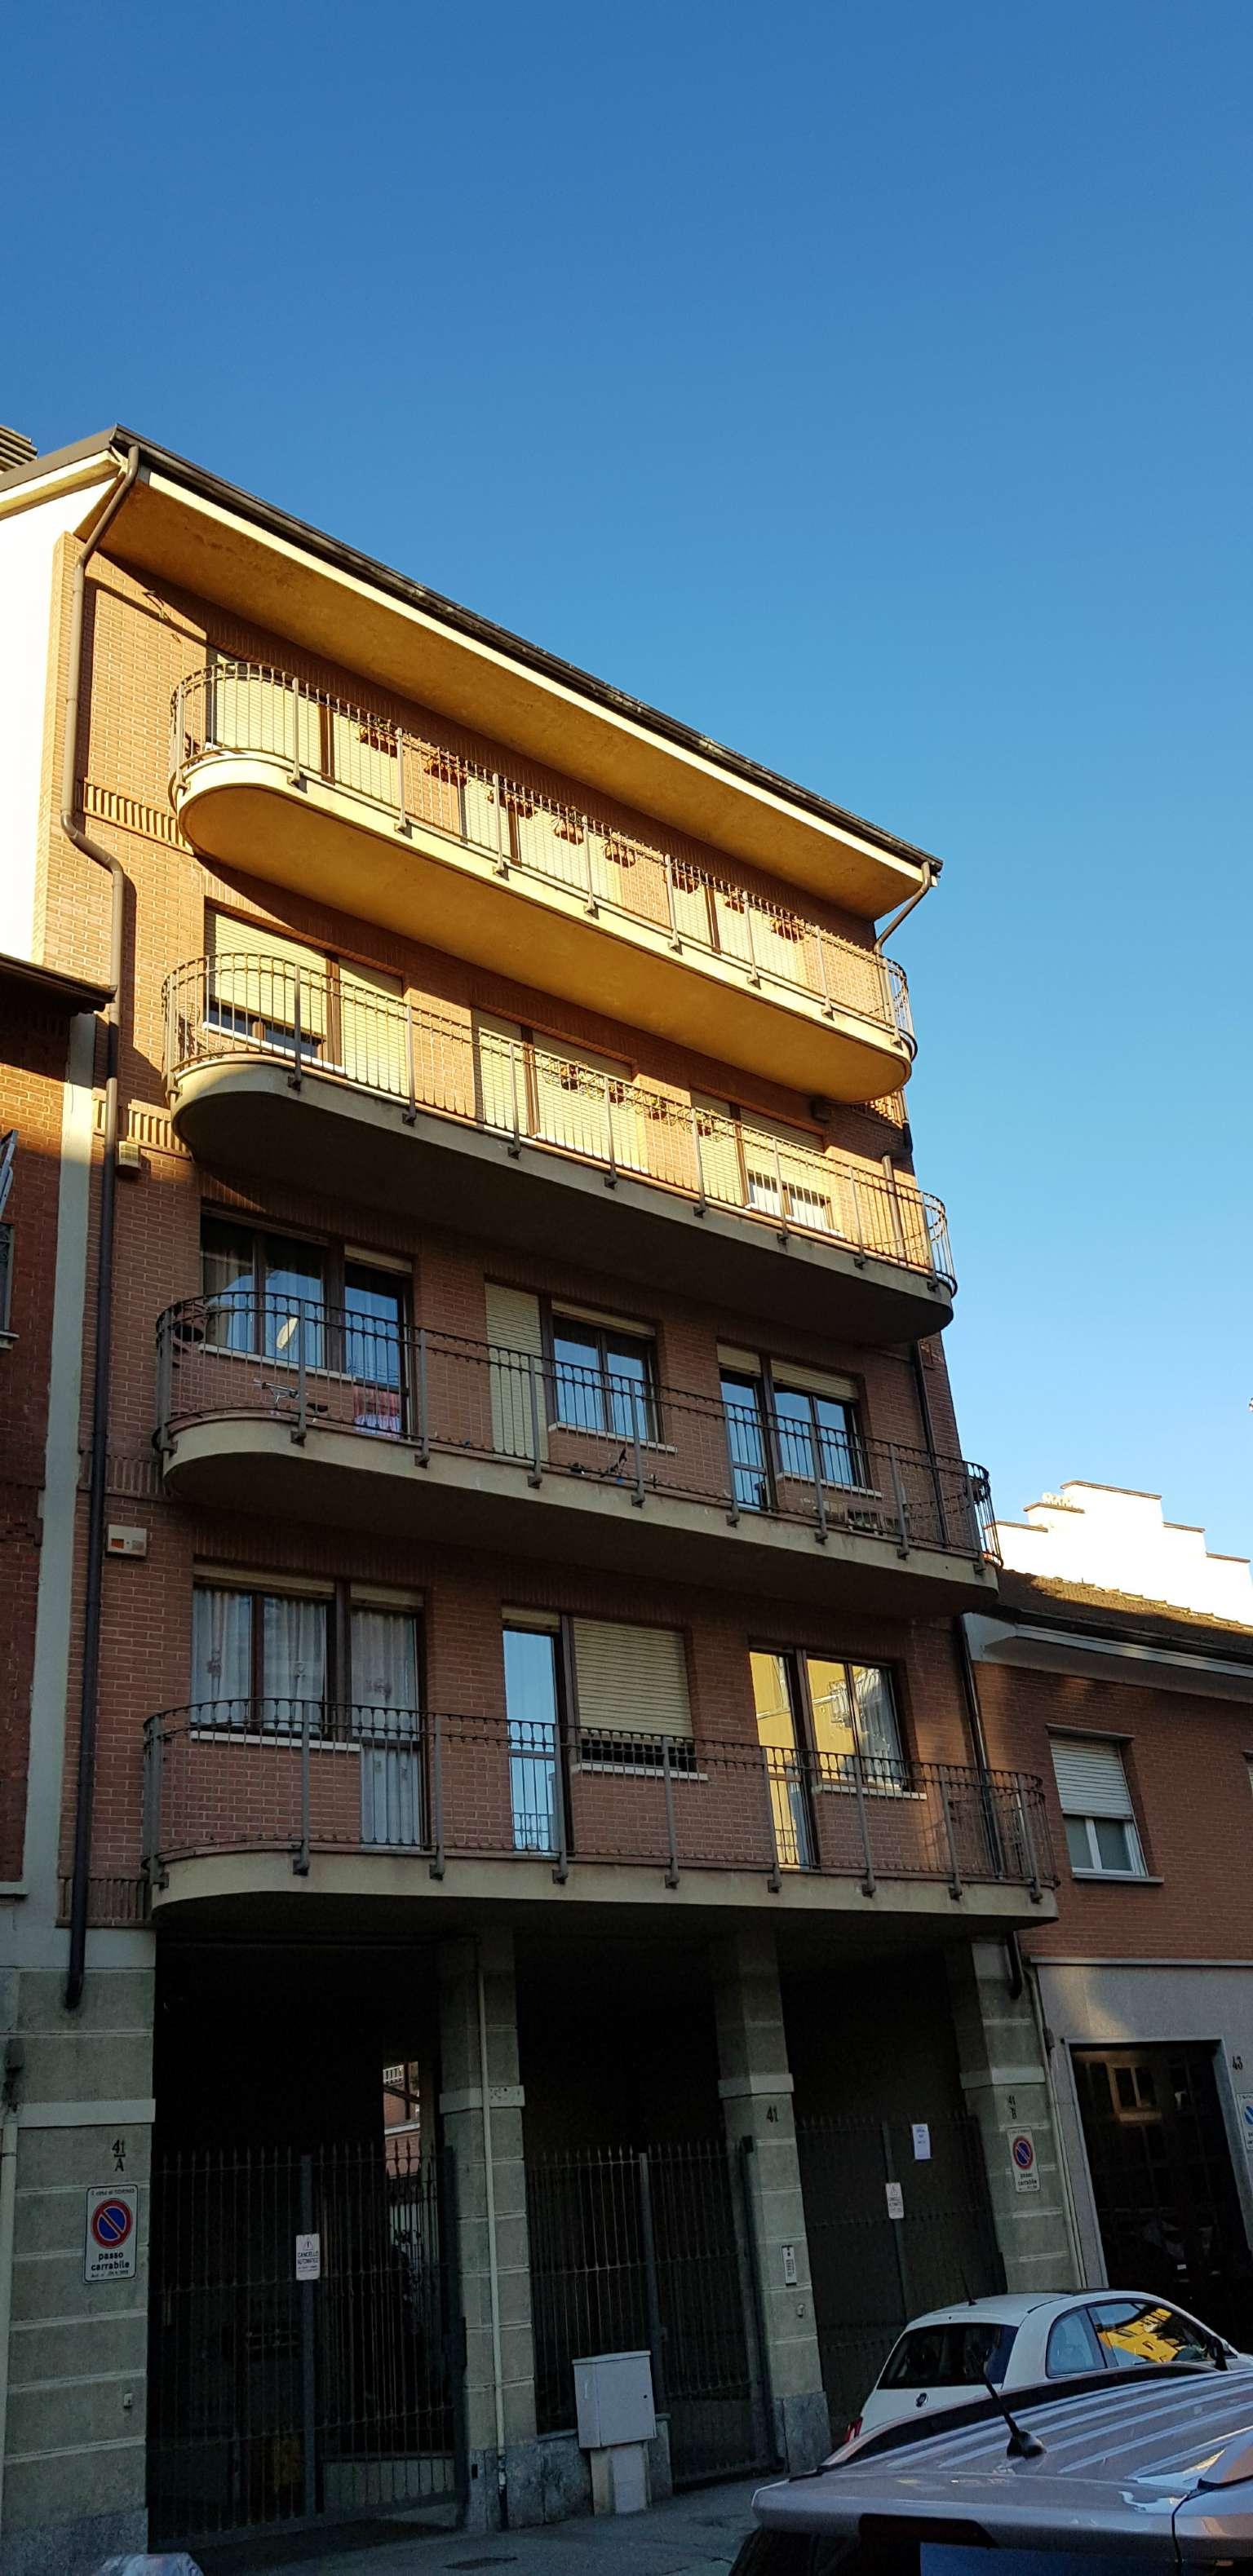 Vendita - Appartamento - Torino - PARELLA PALAZZINA DEL 1998 QUADRILOCALE SIGNORILE CON BOX  E POSTO AUTO